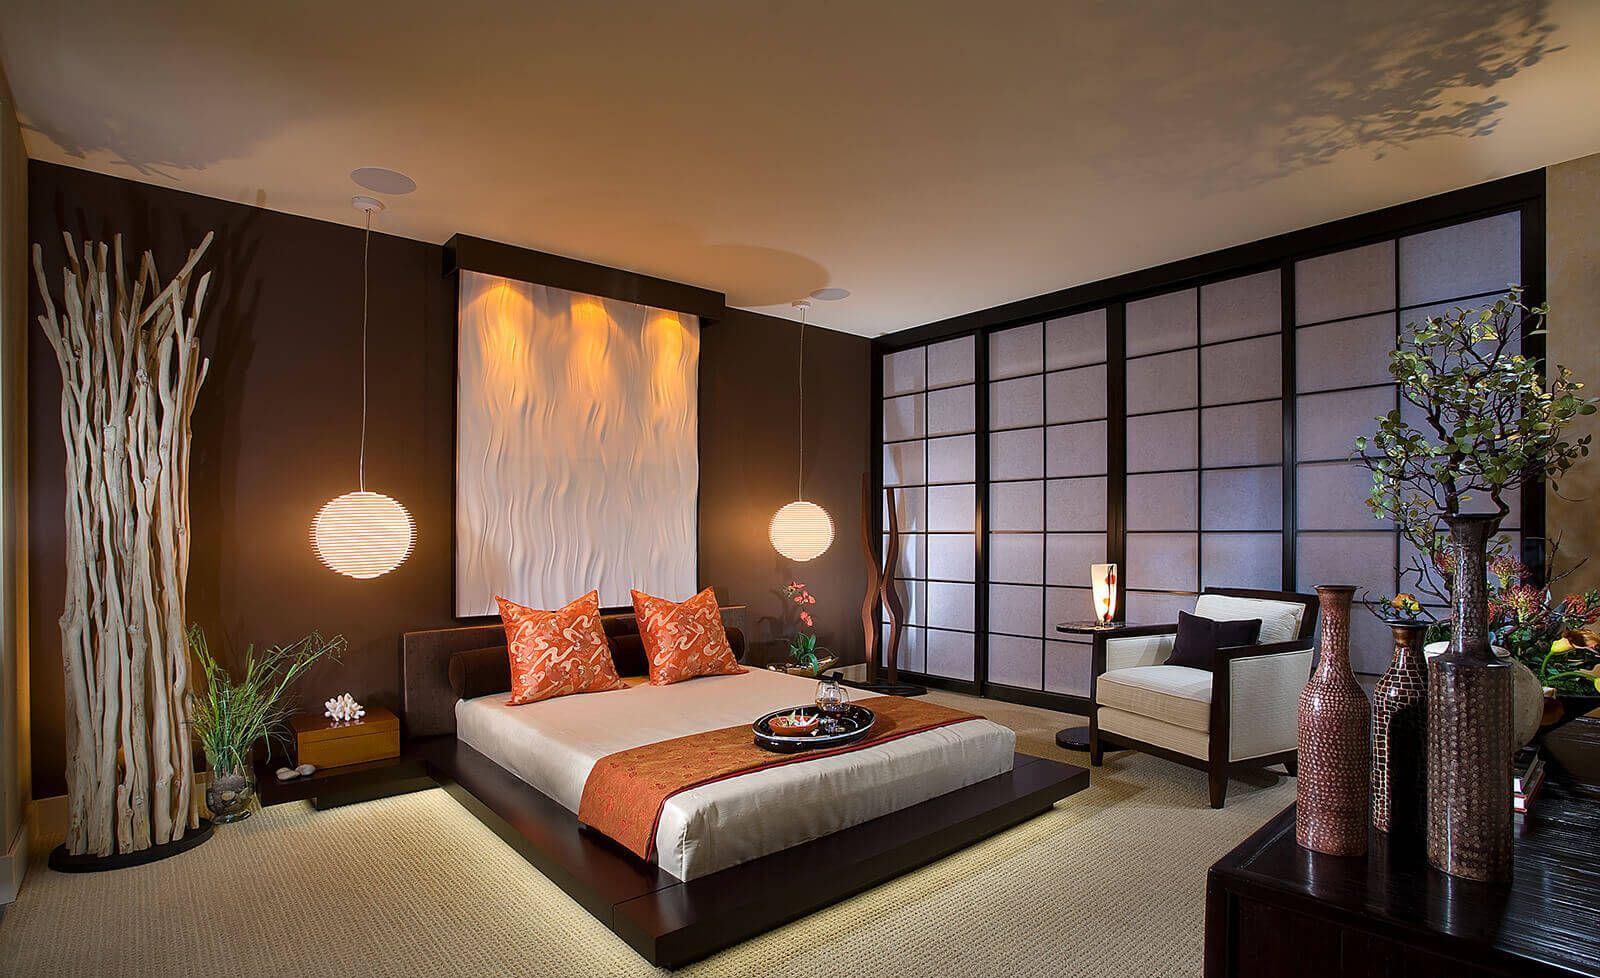 Фото спальни дизайн интерьера 2018